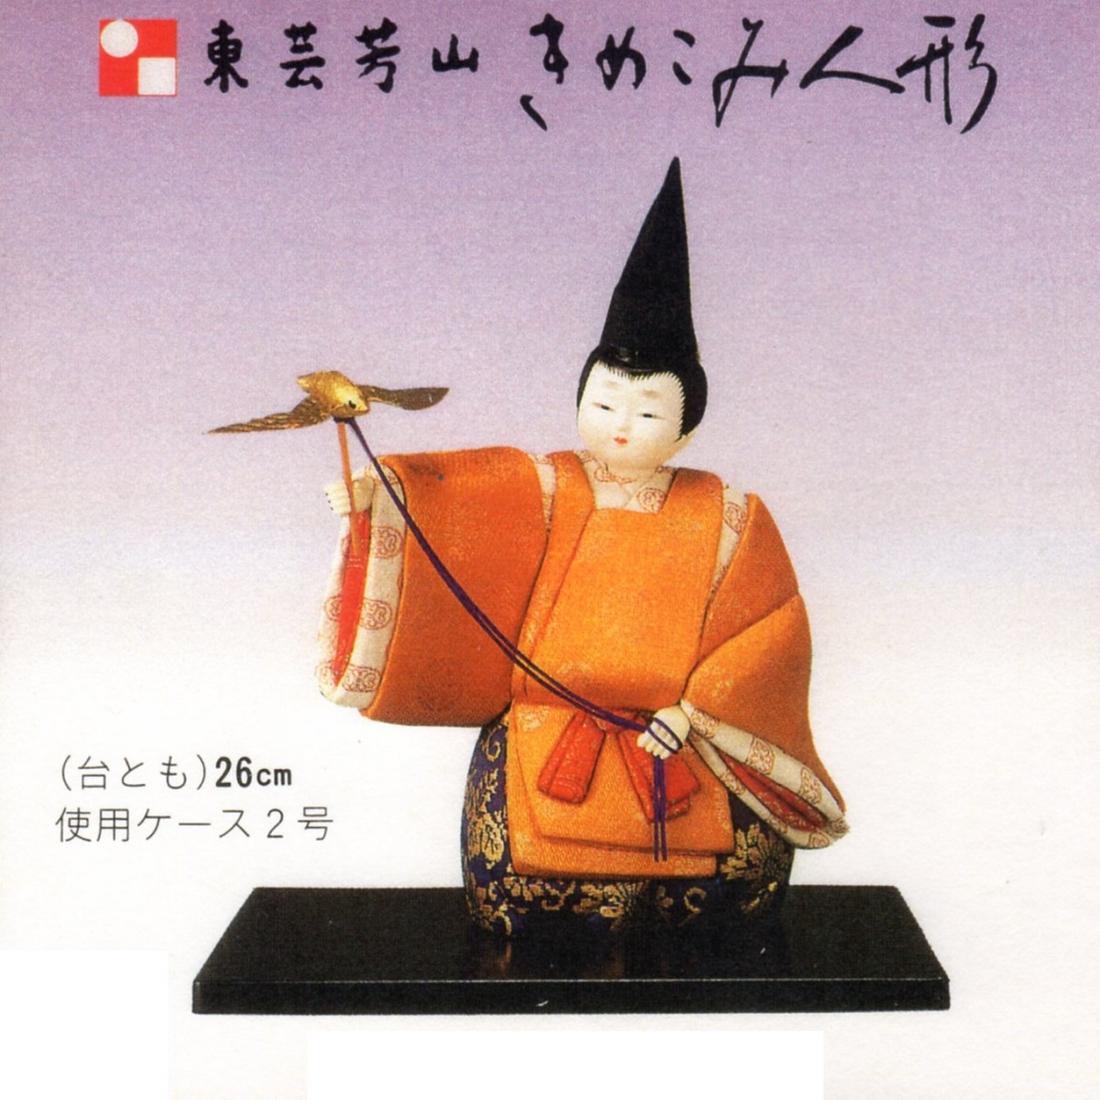 東芸 木目込人形キット「平安人形・鷹」 K203-02